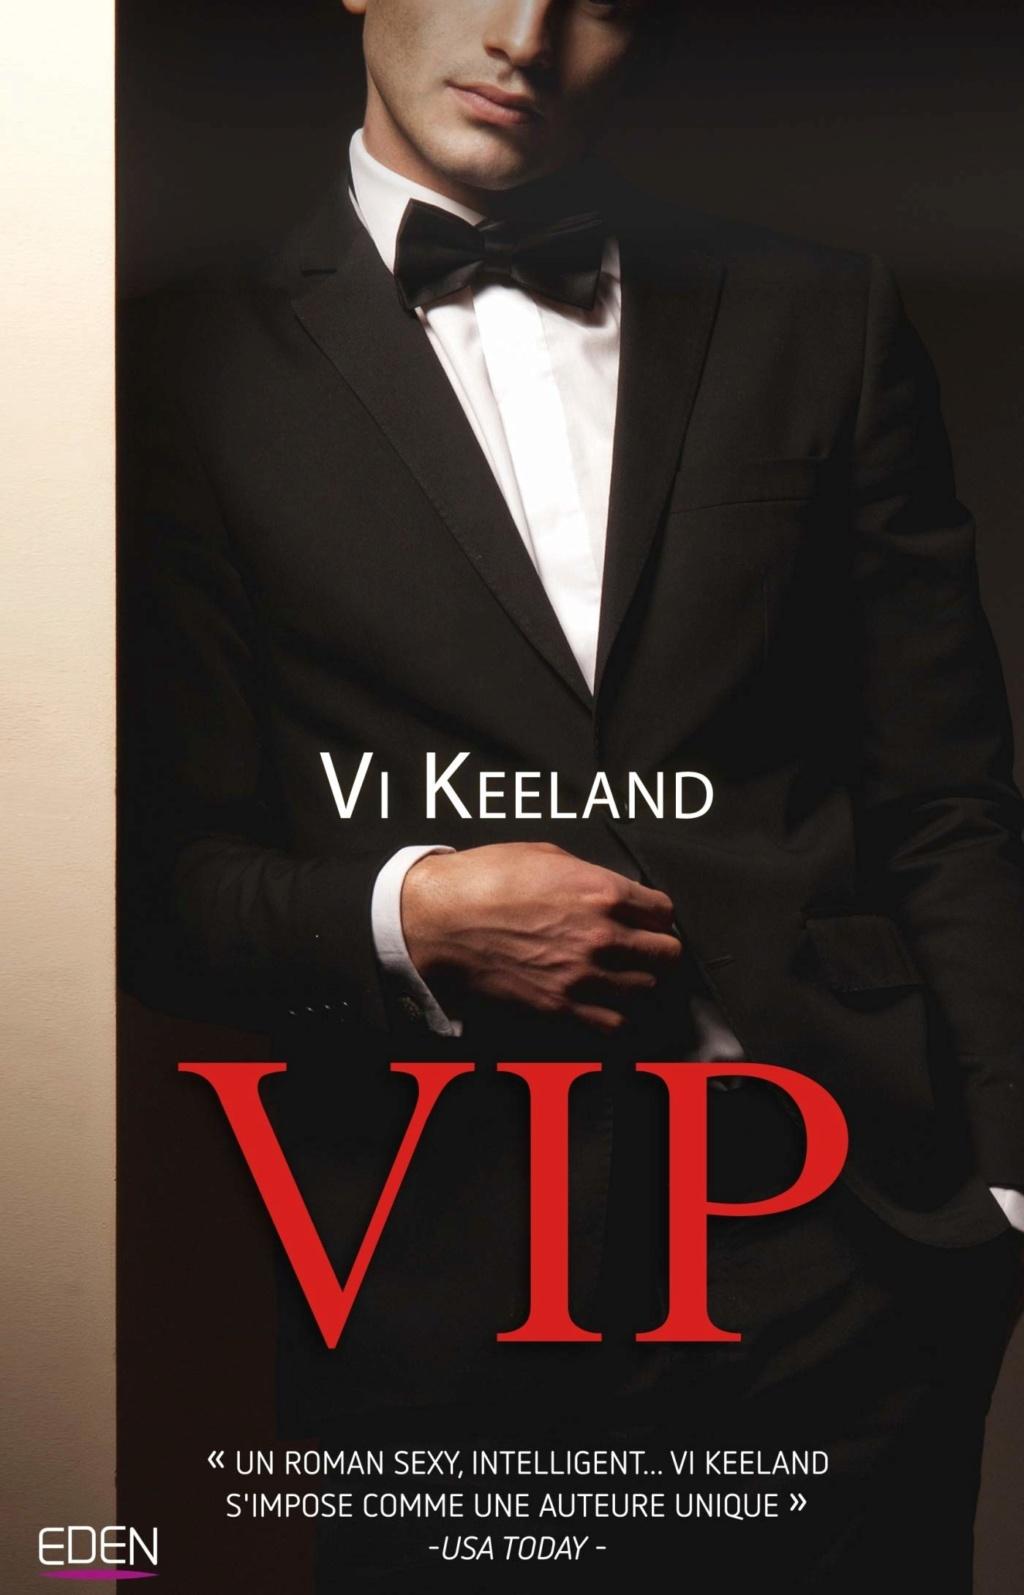 VIP de Vi Keeland Vip-1210